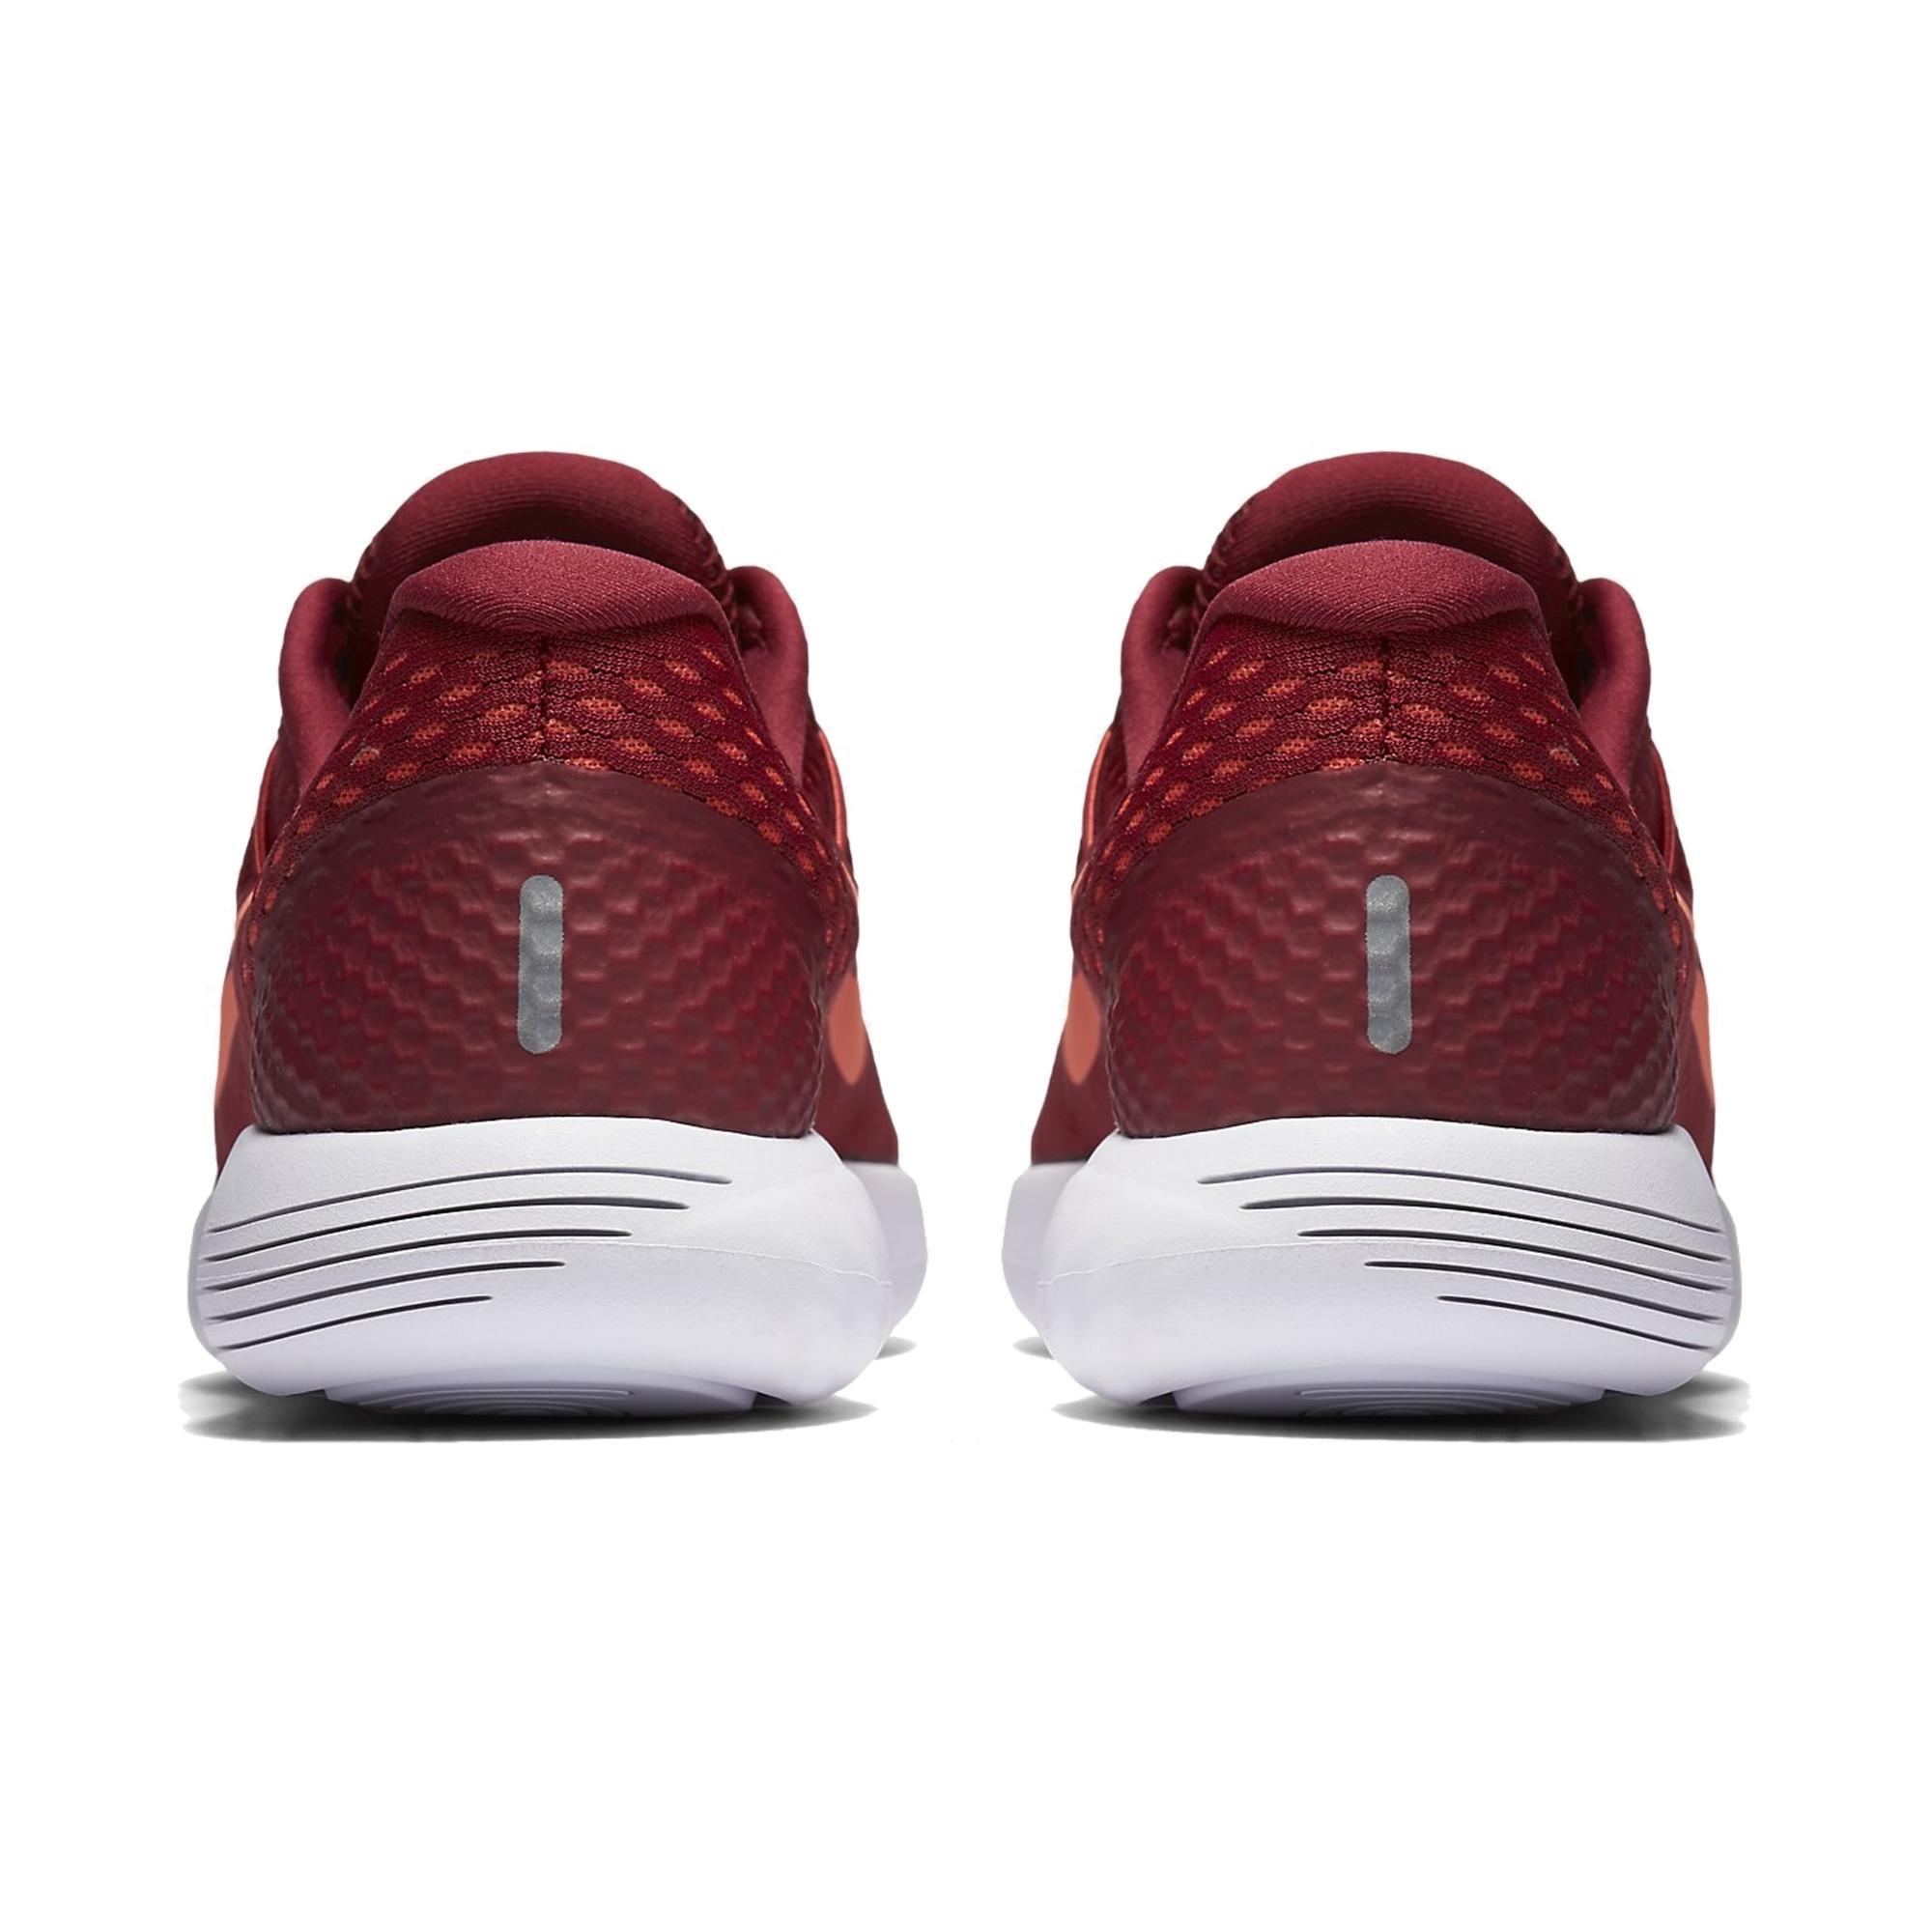 lowest price 4942f 39acf Nike LunarGlide 8 Kadın Spor Ayakkabı